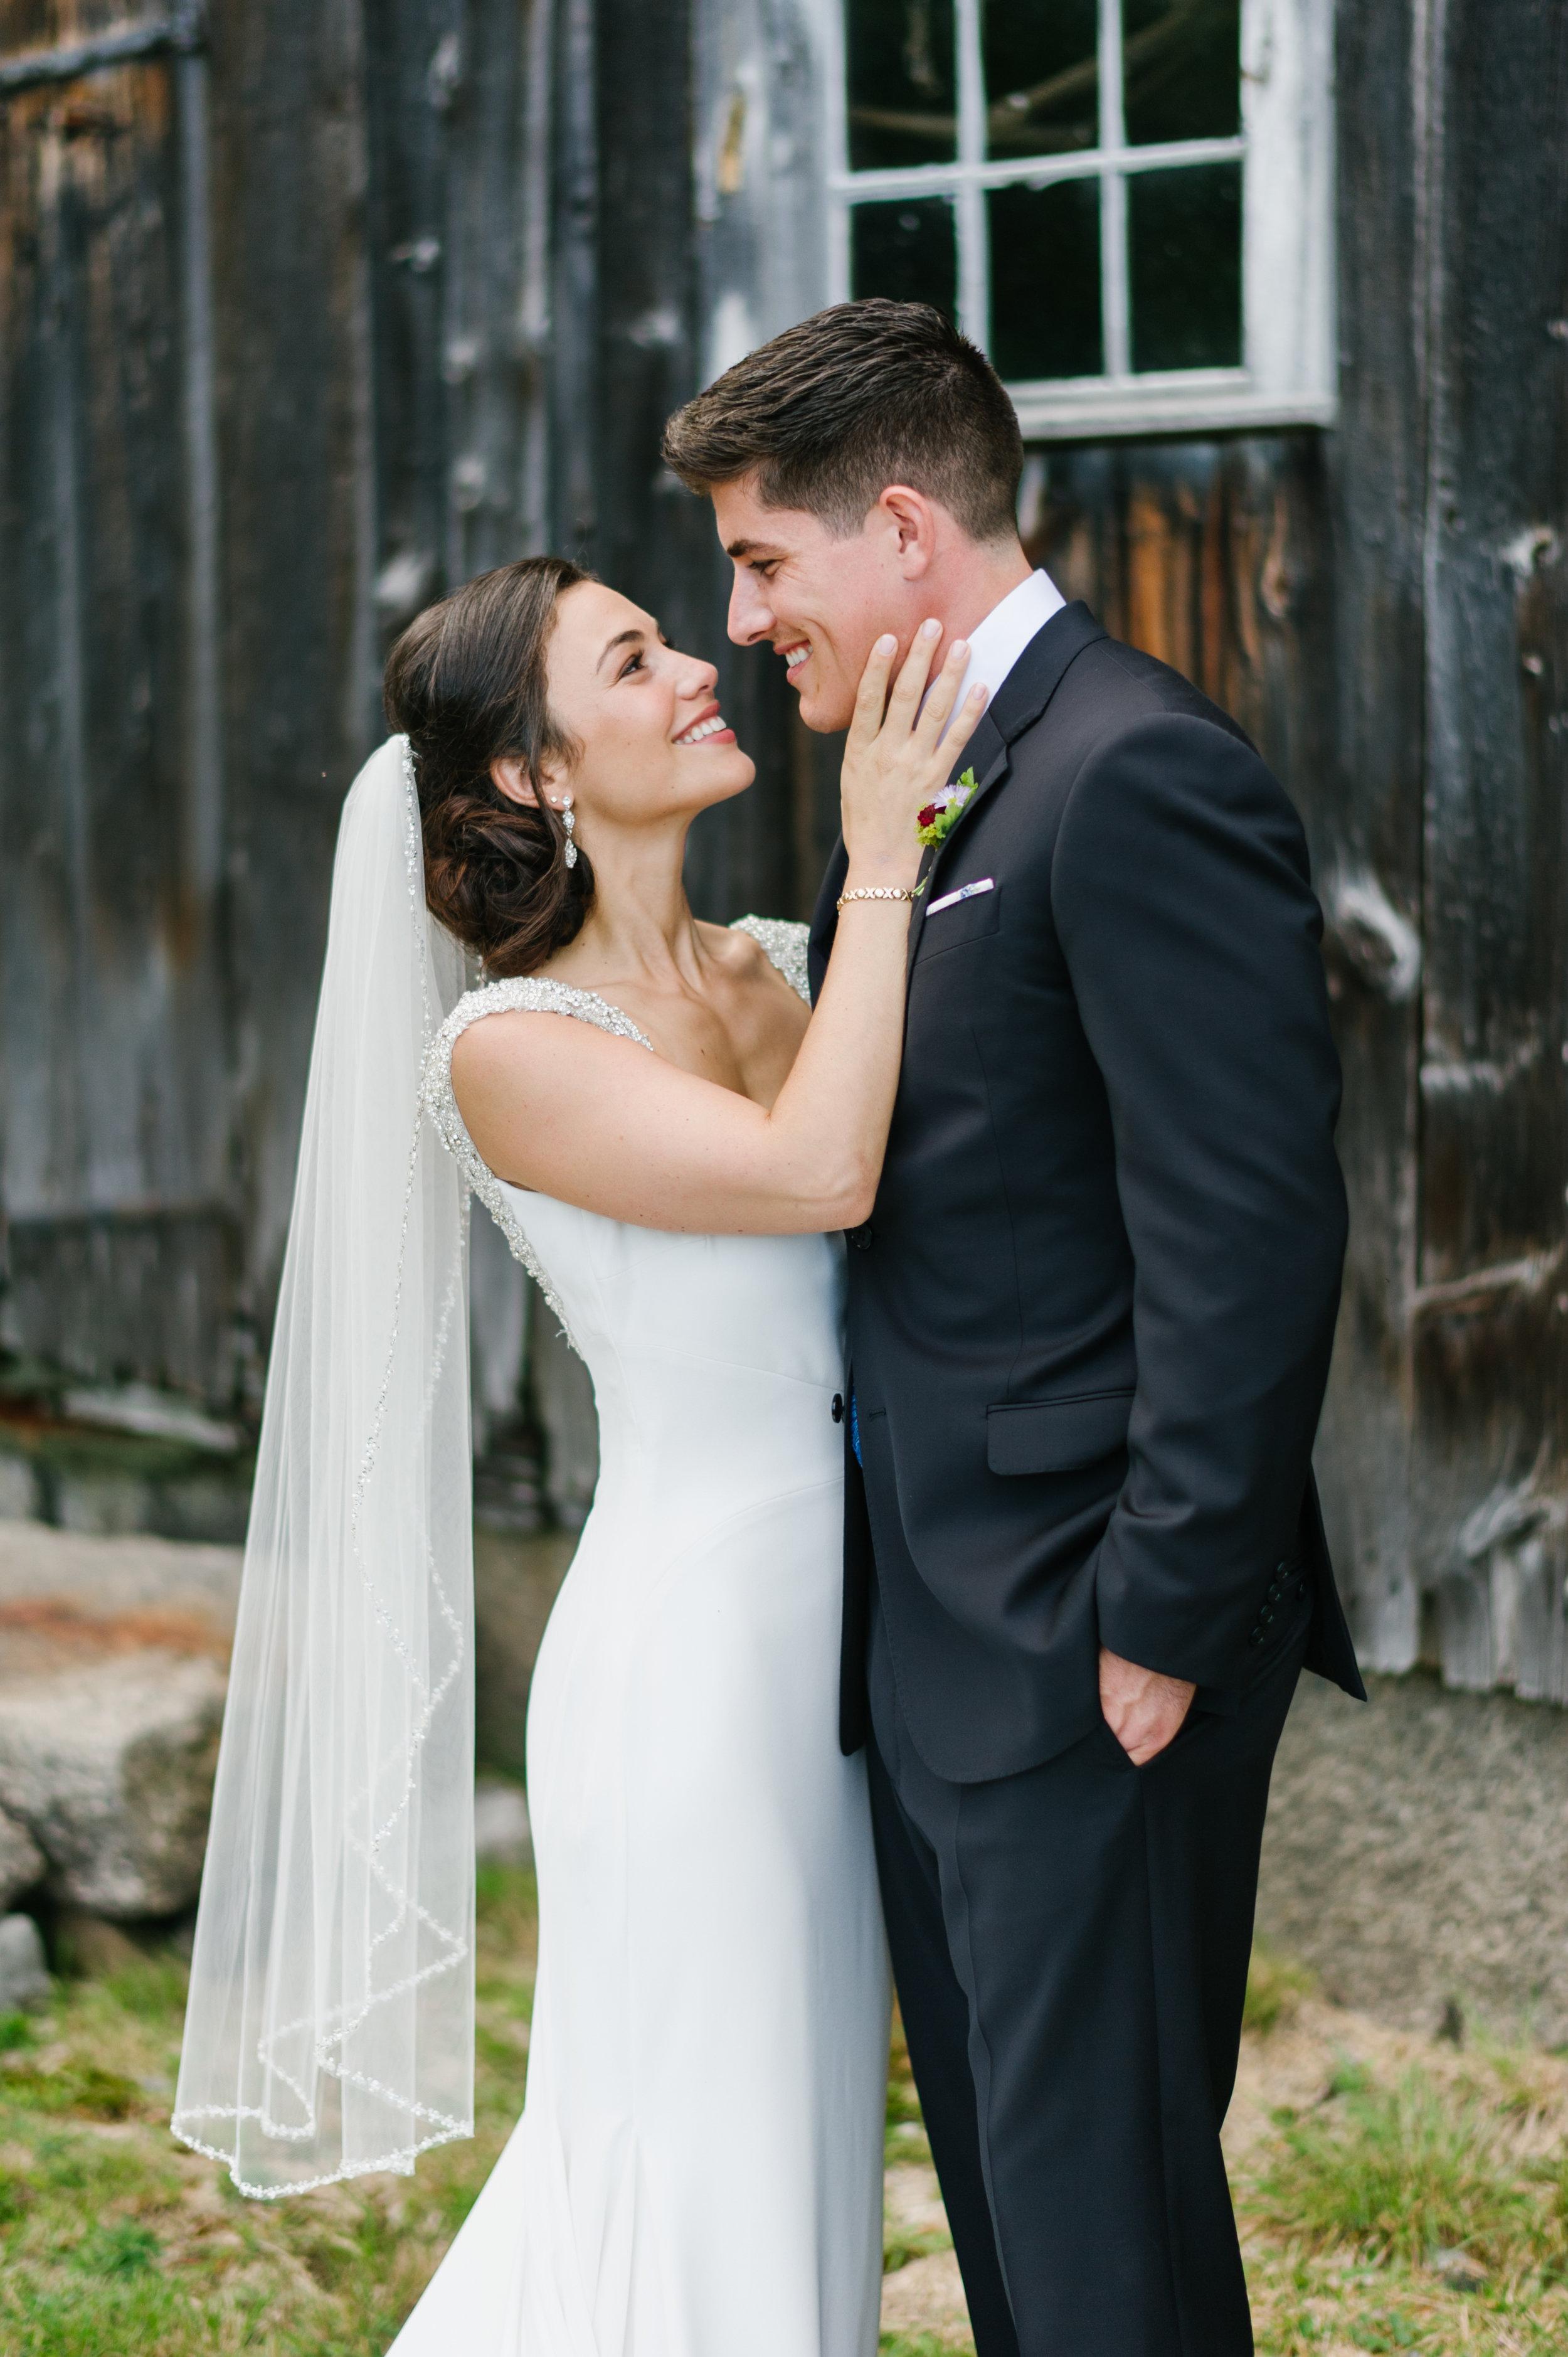 Rachel Buckley Weddings Amanda McCarthy Beauty